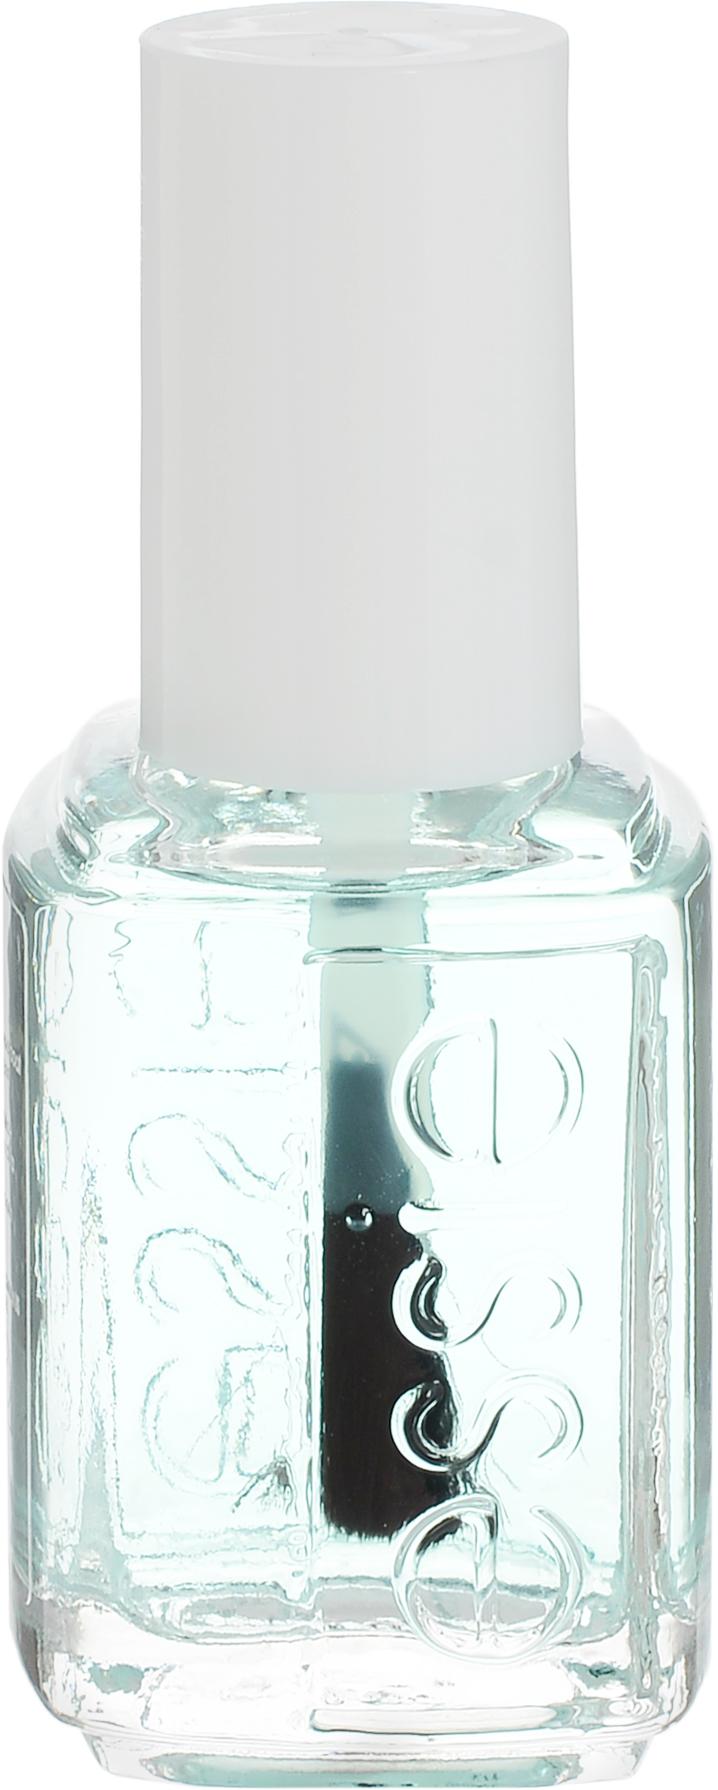 Essie Основа для ногтей First Base, универсальная, 13,5 млB2256002Профессиональная основа для ногтей от Эсси станет подходящей базой для домашнего использования. Средство визуально выравнивает ногти и значительно продляет стойкость лакового покрытия.Как ухаживать за ногтями: советы эксперта. Статья OZON Гид